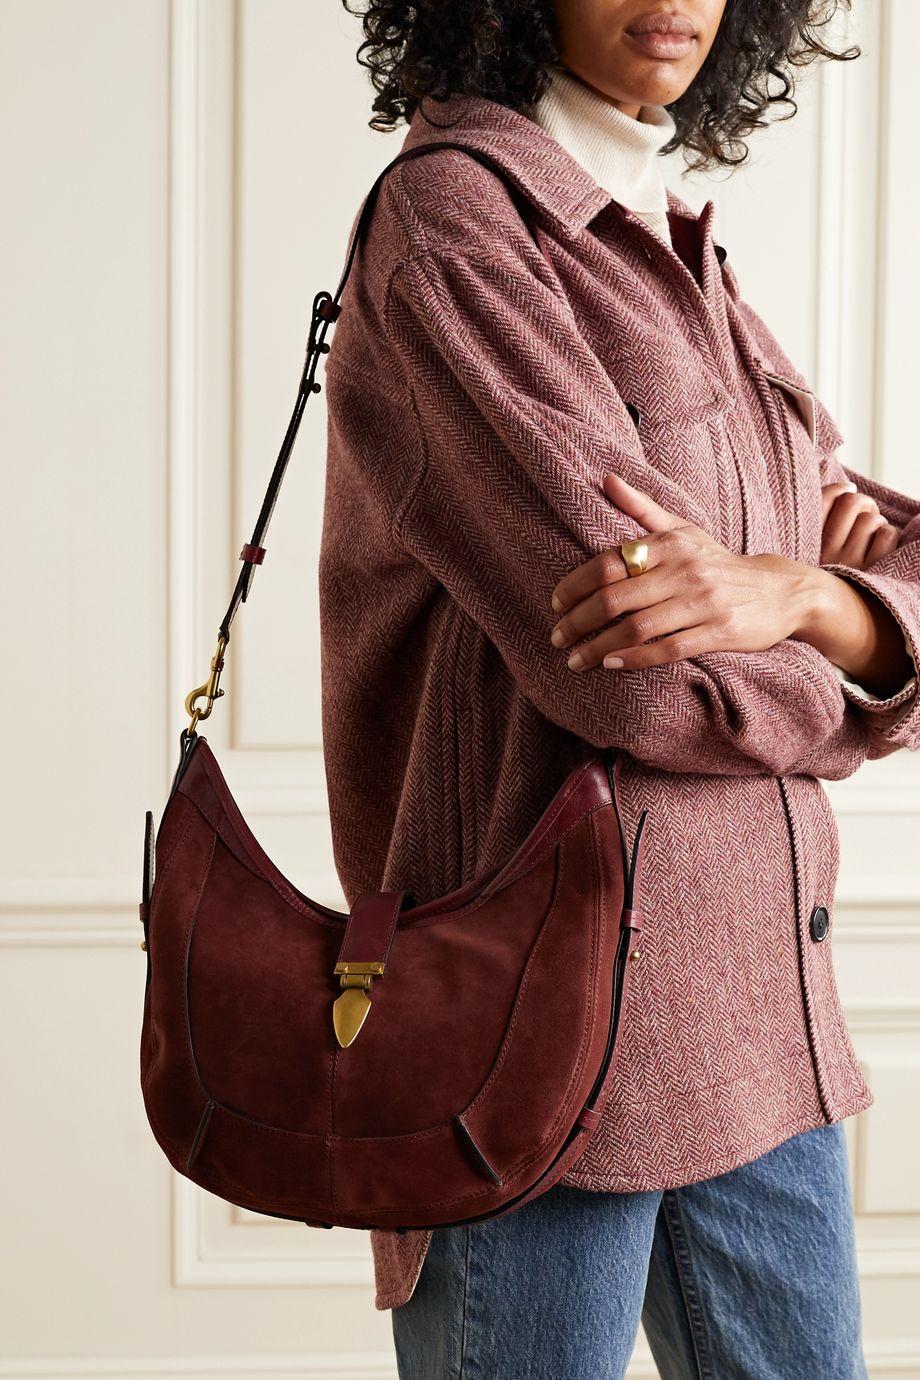 Isabel Marant Kaliko leather-trimmed suede shoulder bag